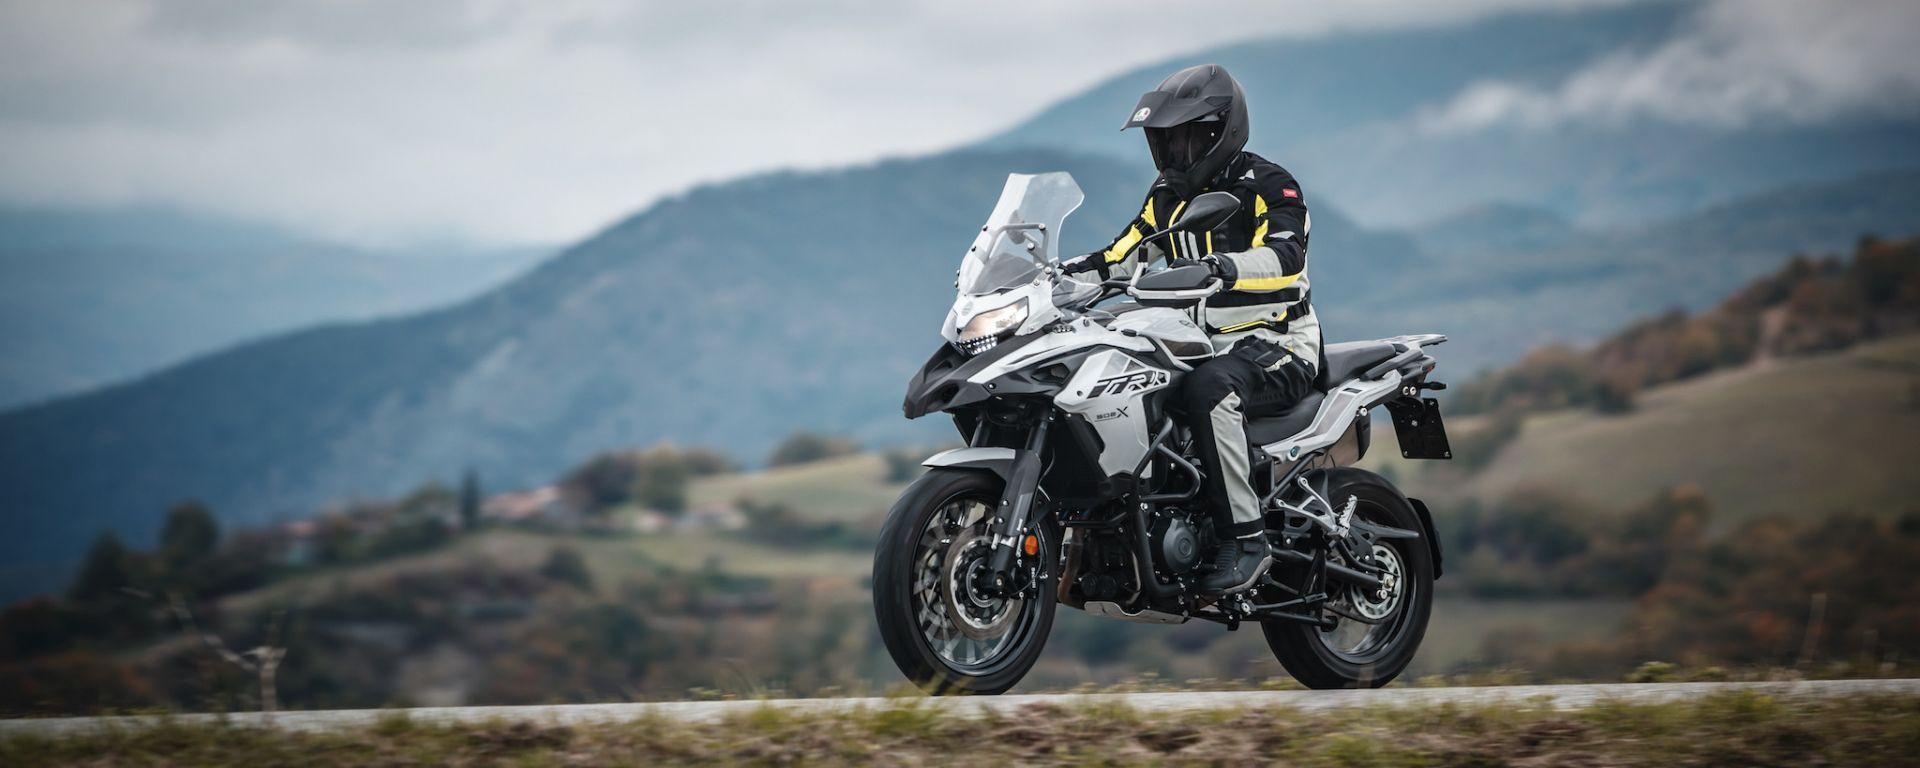 Mercato moto, forte crescita a Marzo. Benelli sorpassa BMW